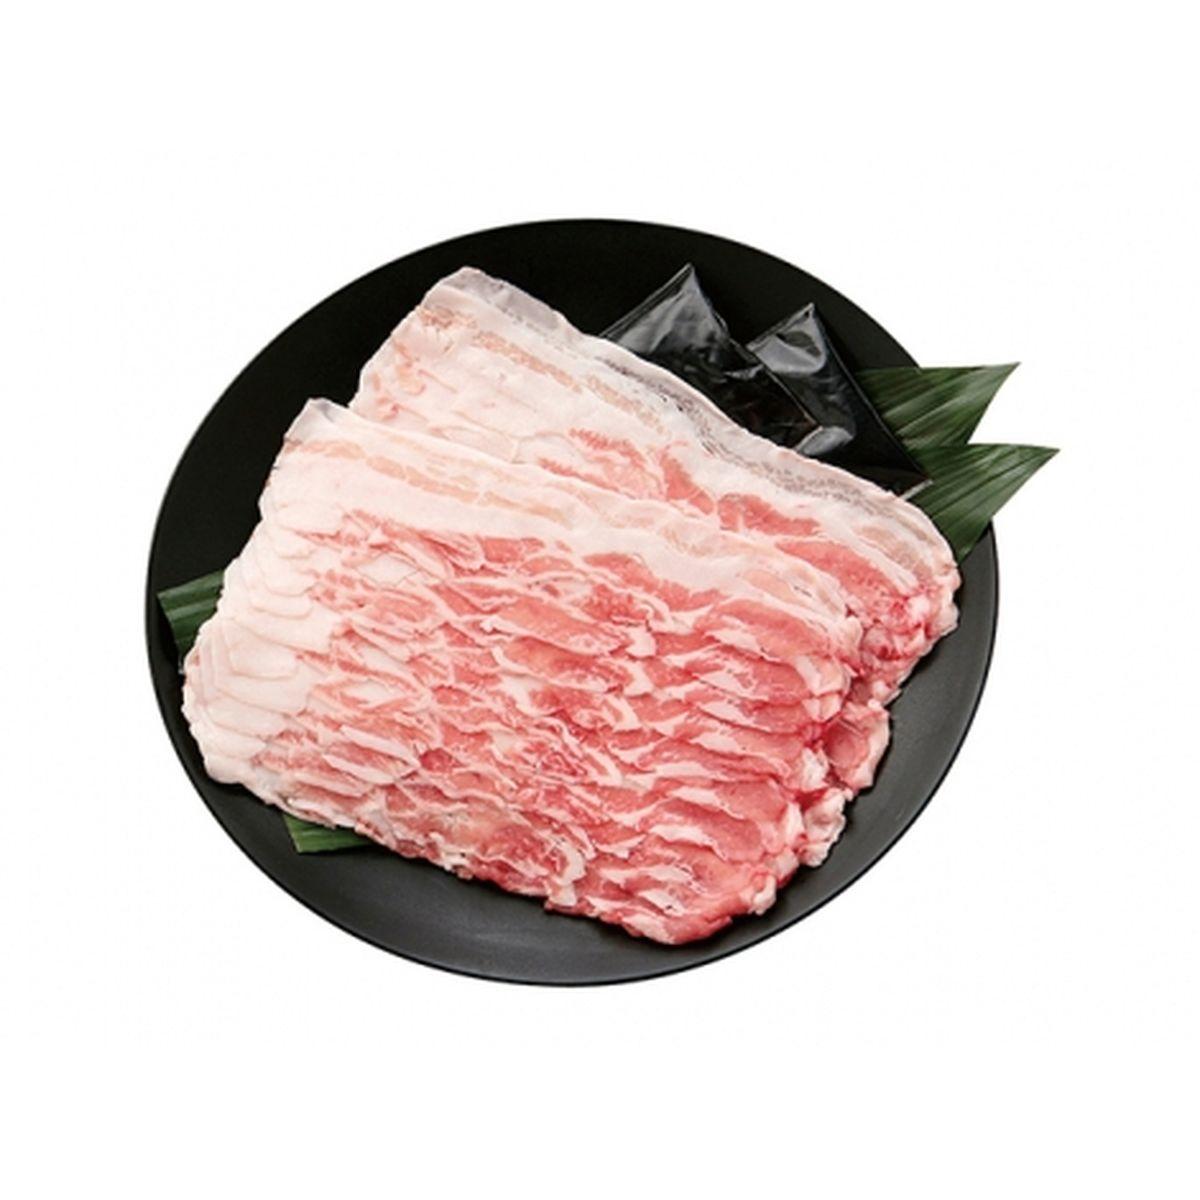 【送料無料】牛一 鹿児島県産アベル牧場黒豚 バラ しゃぶしゃぶ用 400g(ポン酢たれ2個付き)